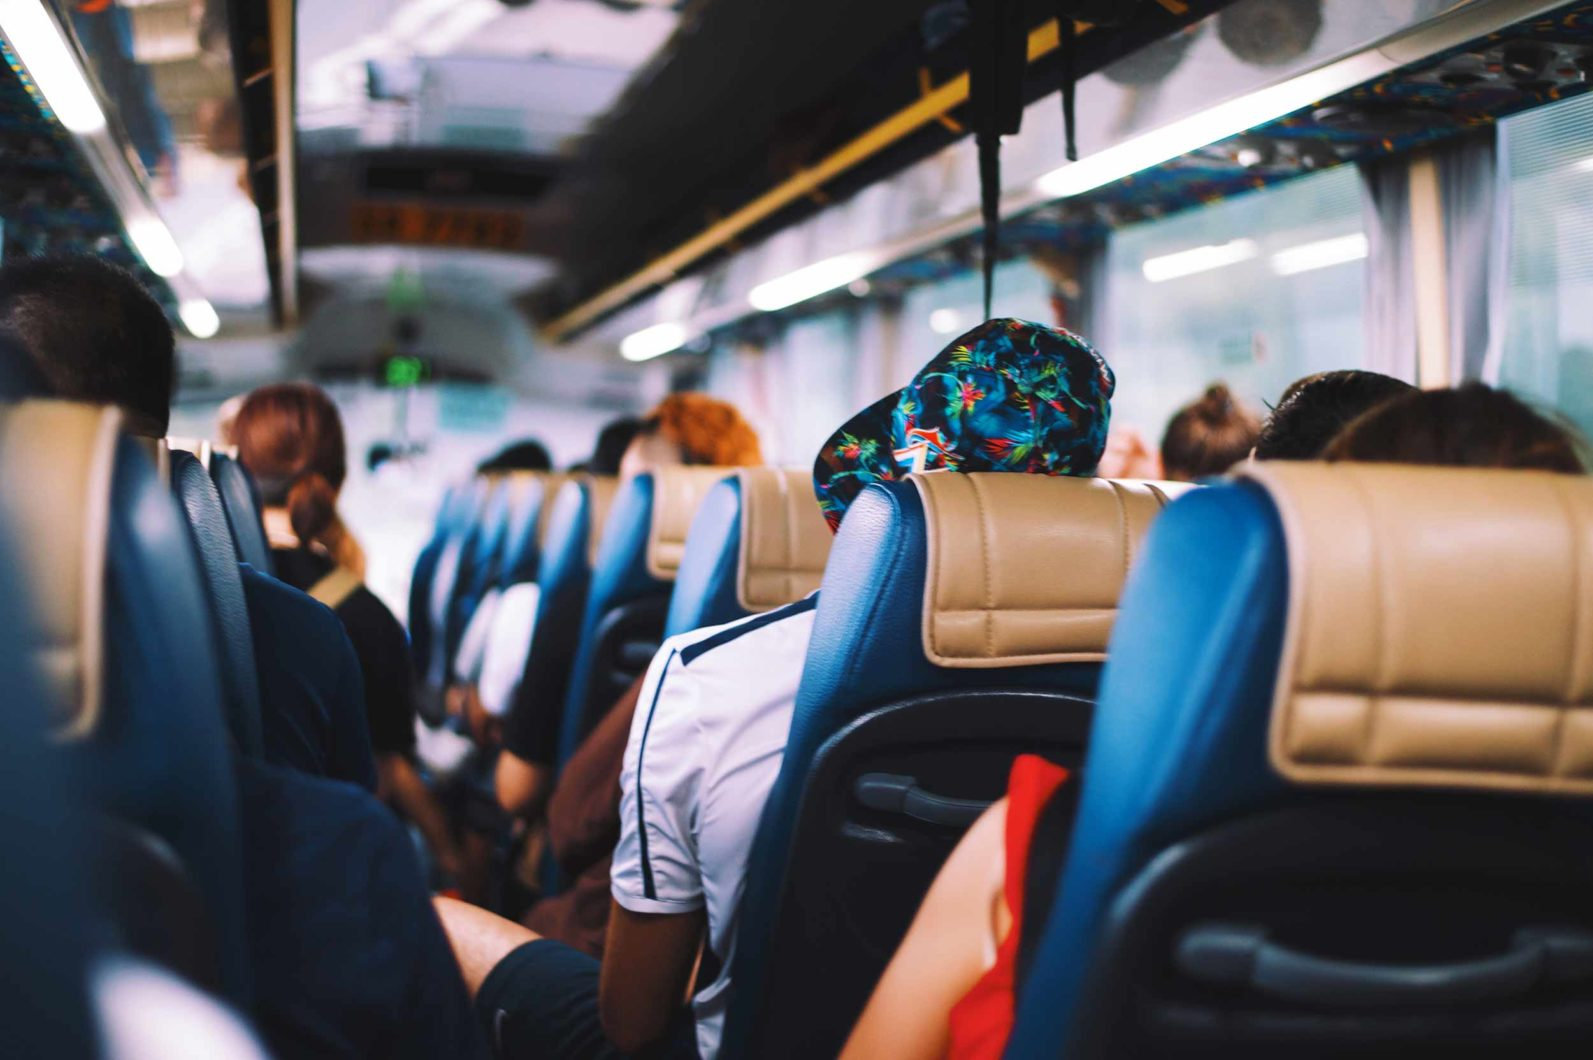 take the bus to Benodet